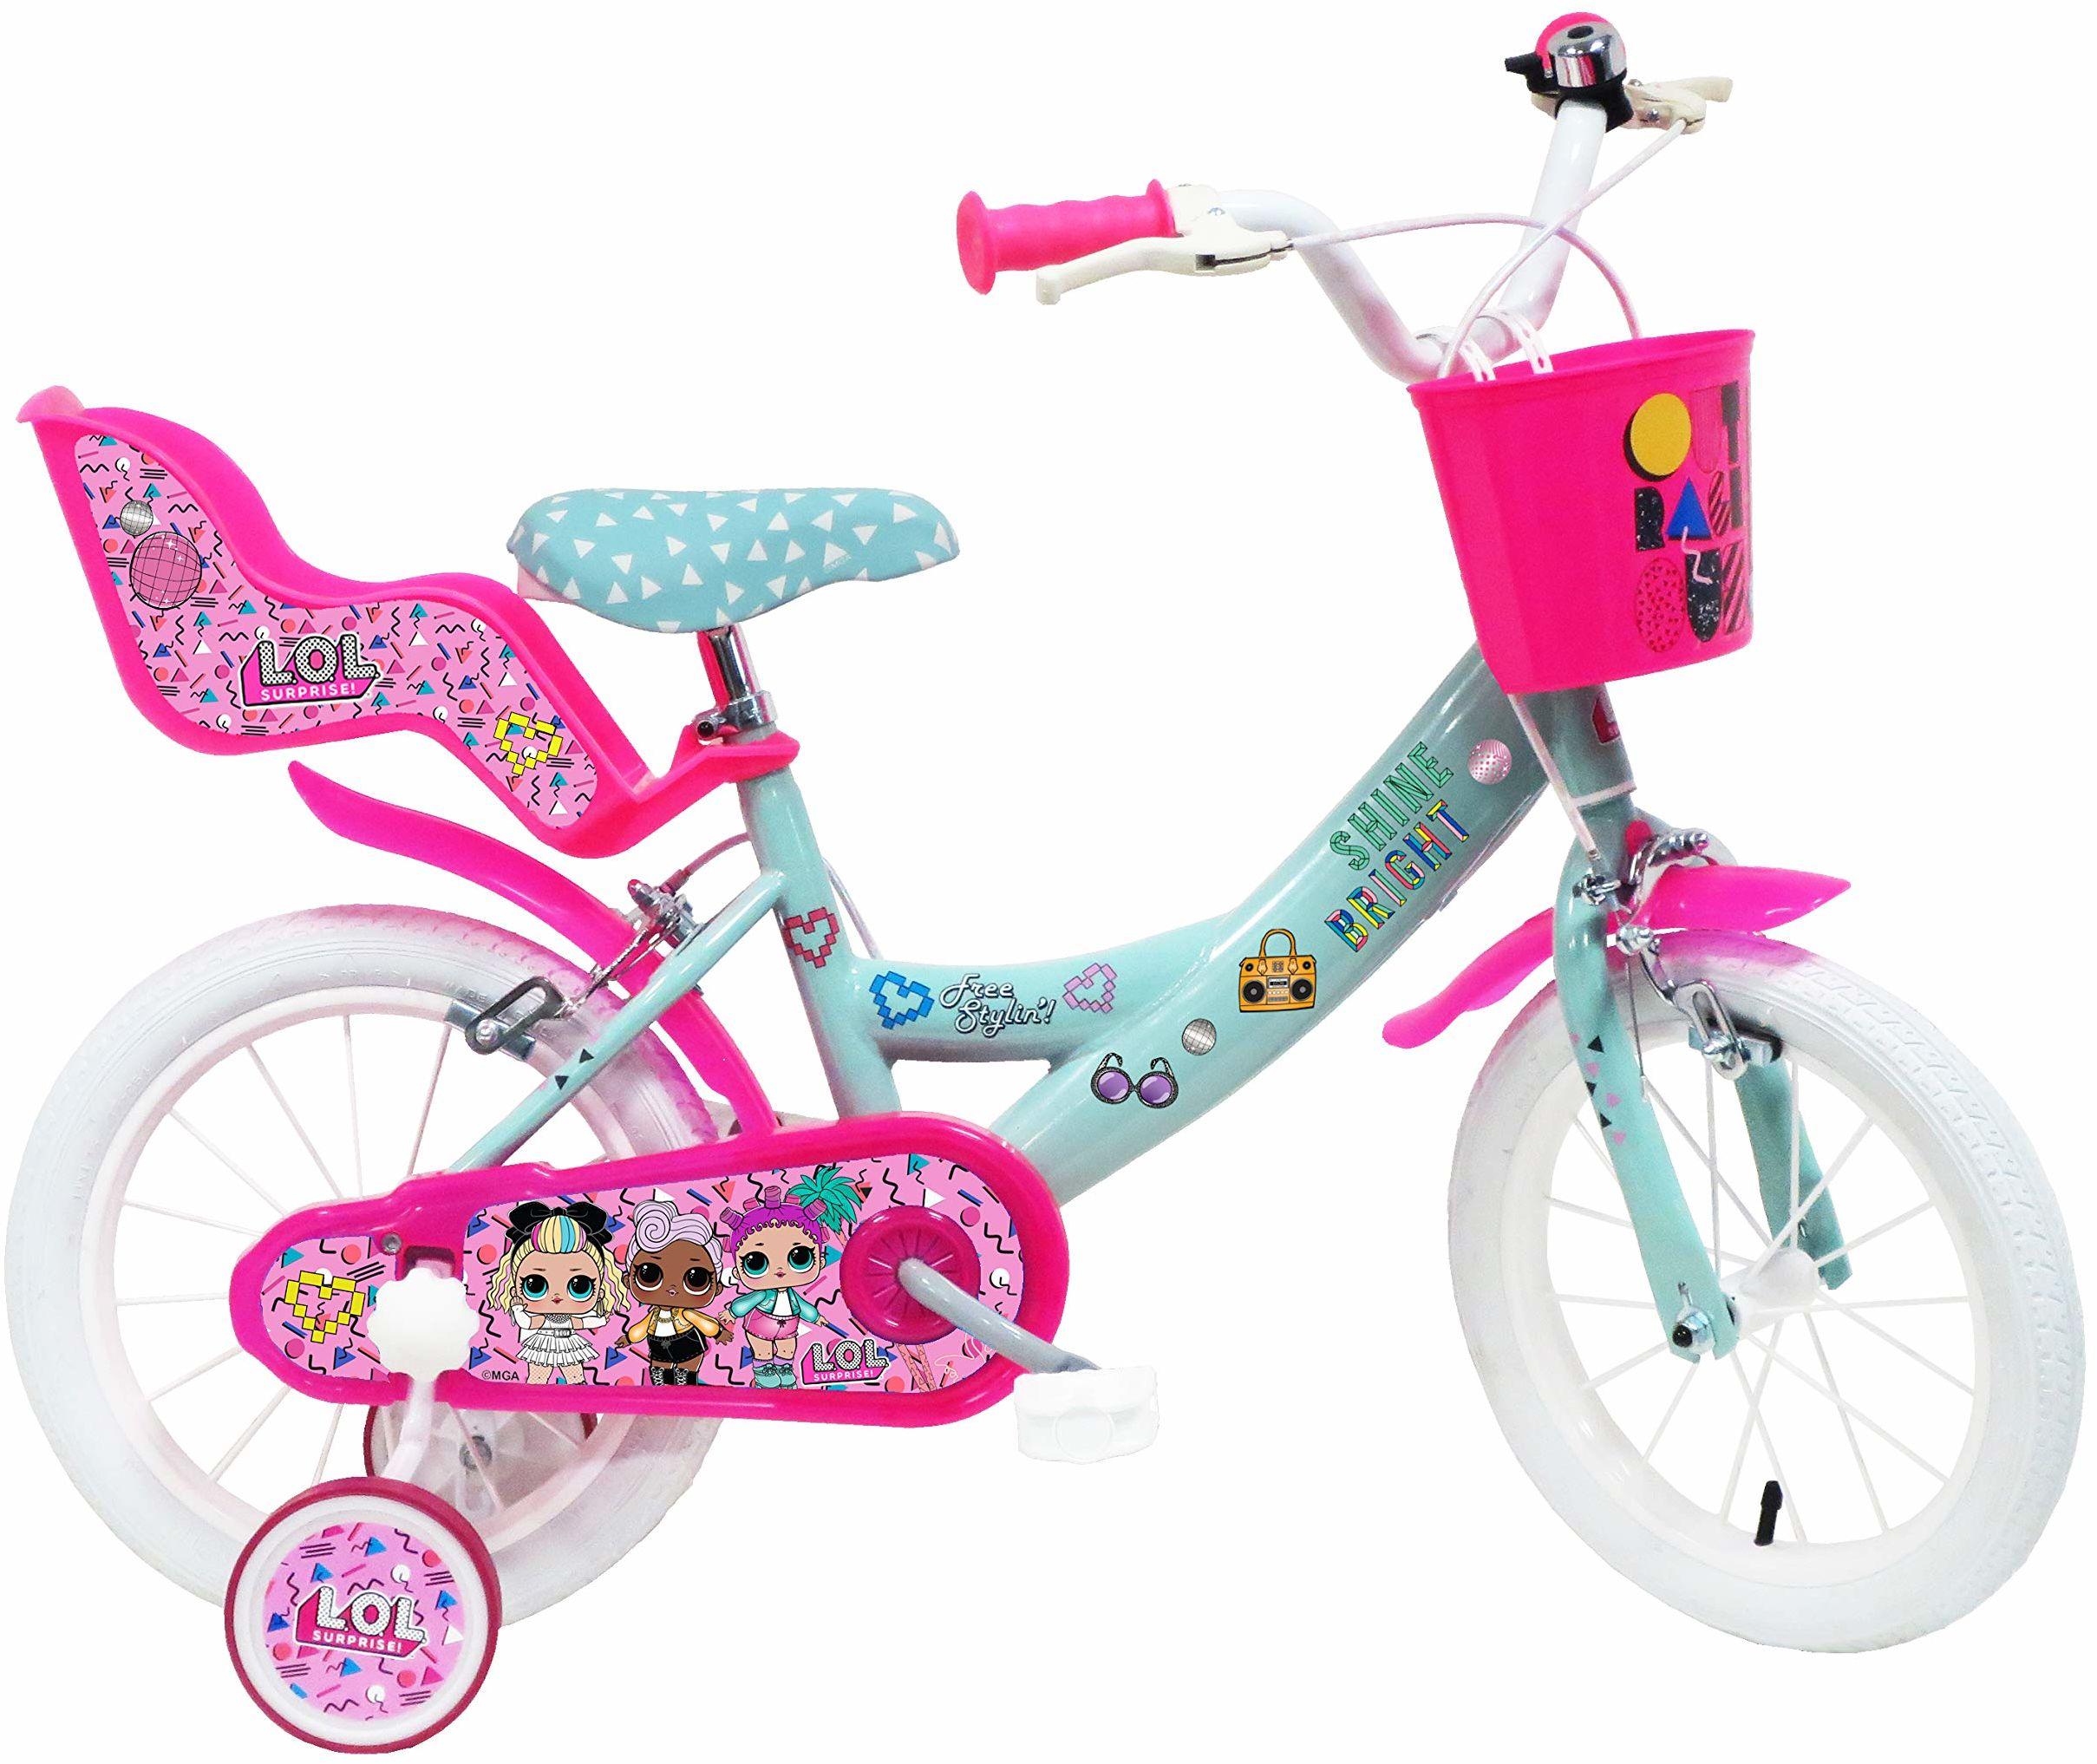 """Denver Bike Rower miejski 14 Lol 35,6 cm (14""""), stalowy, różowy, turkusowy, biały dla dziewcząt  rower (pionowy, miejski, 35,6 cm (14""""), stalowy, różowy, turkusowy, biały, 35,6 cm (14"""")"""